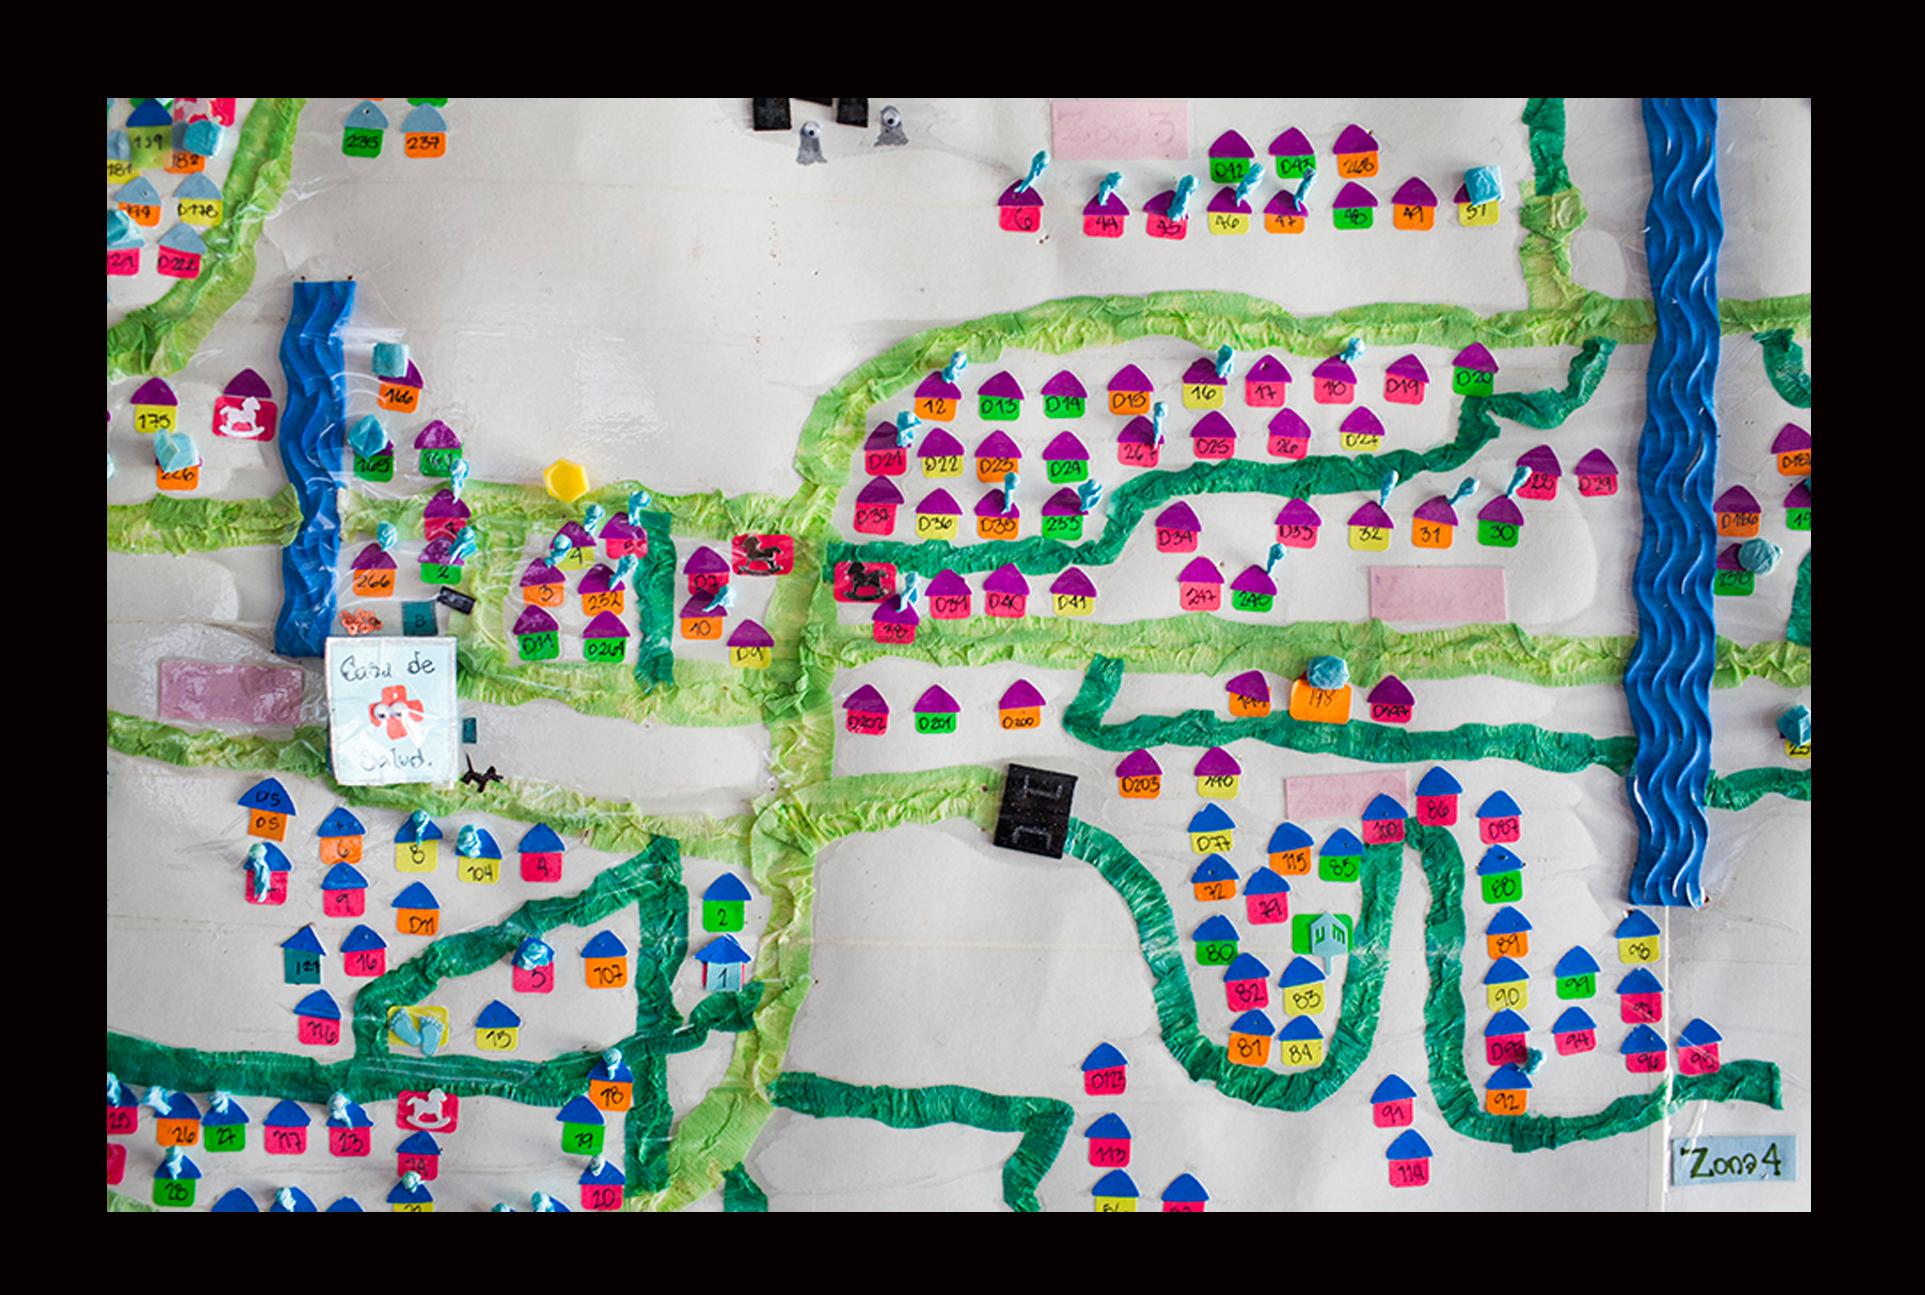 Particular del croquis del caserío Patzité Ixtahuacán: las casas tildadas en celeste presentan algún tipo de riesgo en términos de hábitos alimenticios, educación en las prácticas de salud y condiciones del entorno doméstico no adecuadas.